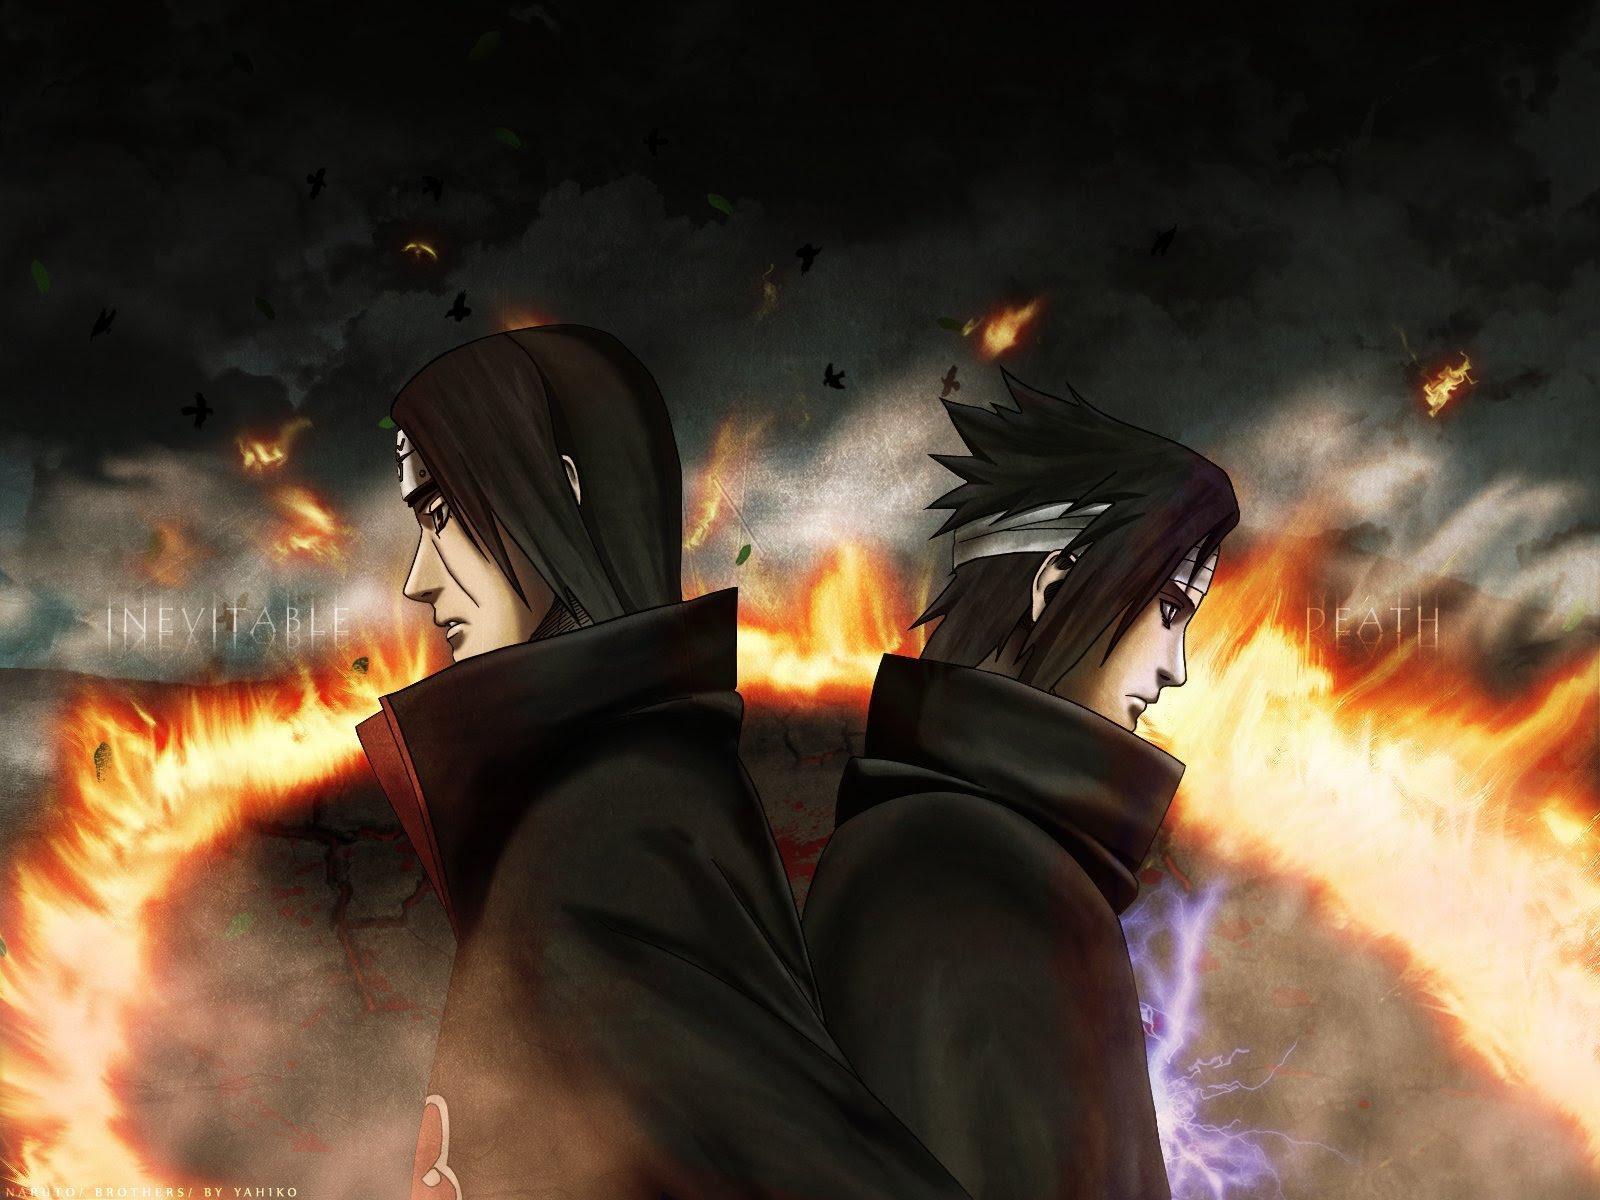 Itachi and Sasuke - Akatsuki Wallpaper (2862016) - Fanpop